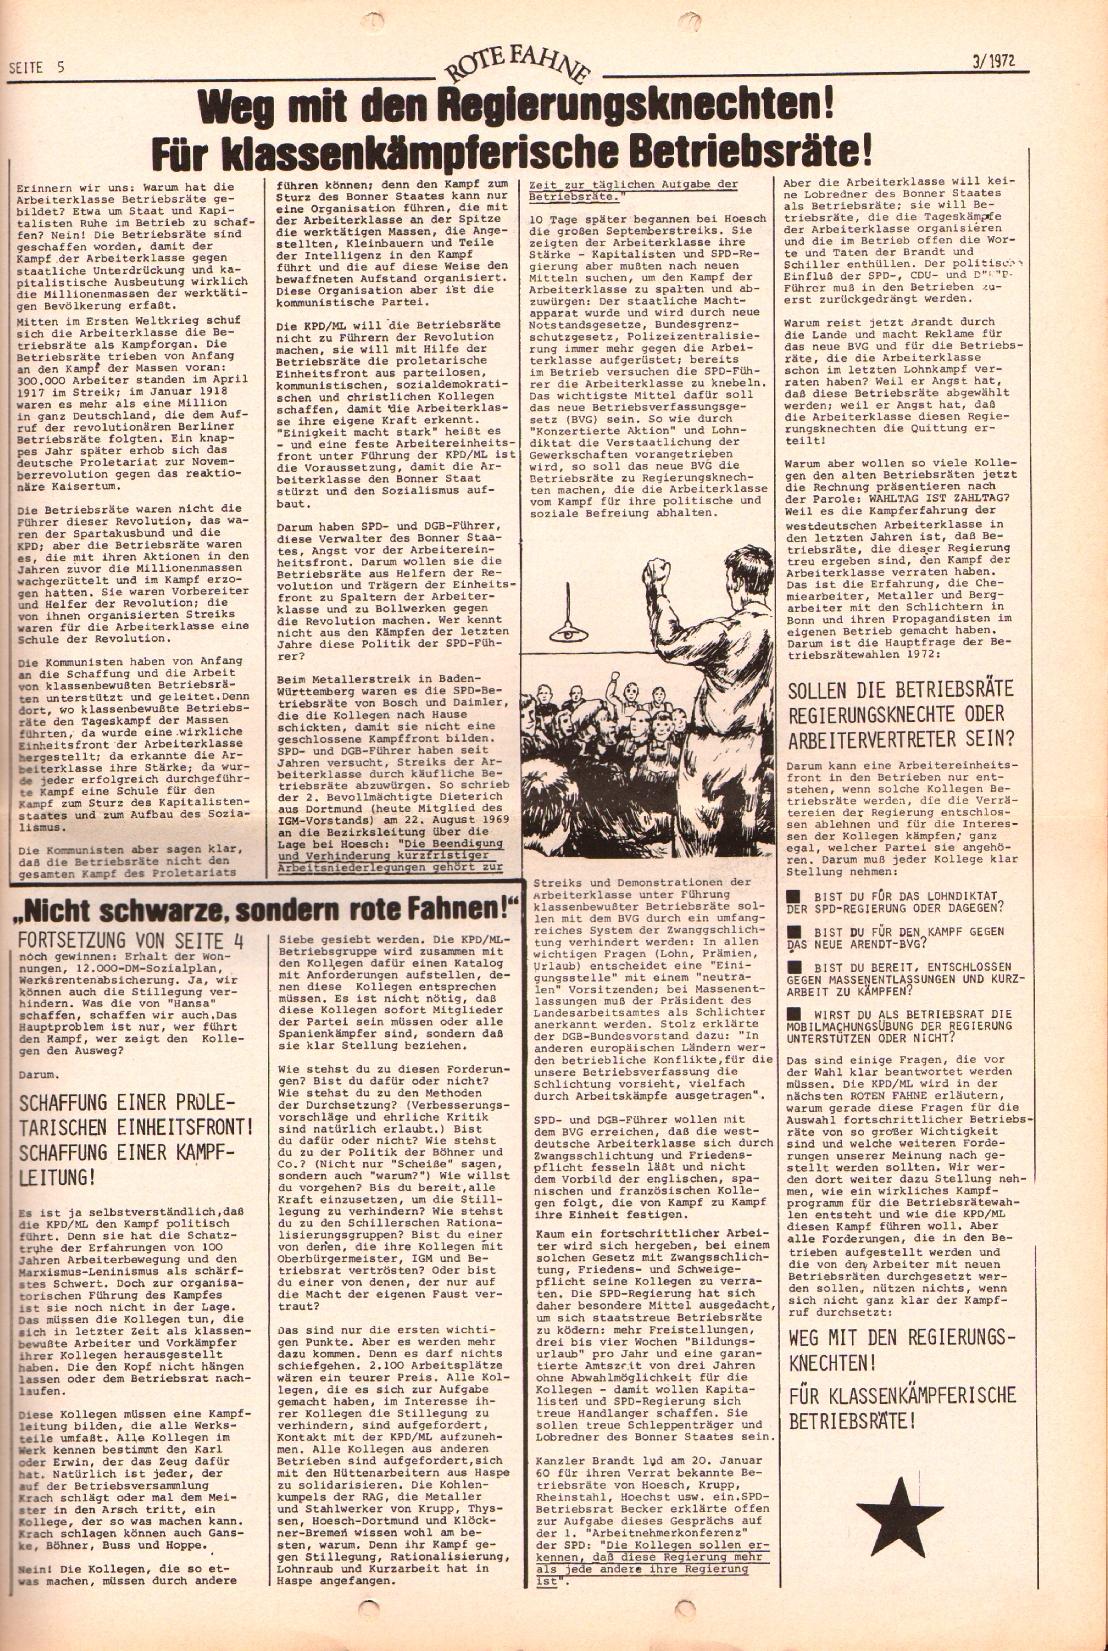 Rote Fahne, 3. Jg., 7.2.1972, Nr. 3, Seite 5